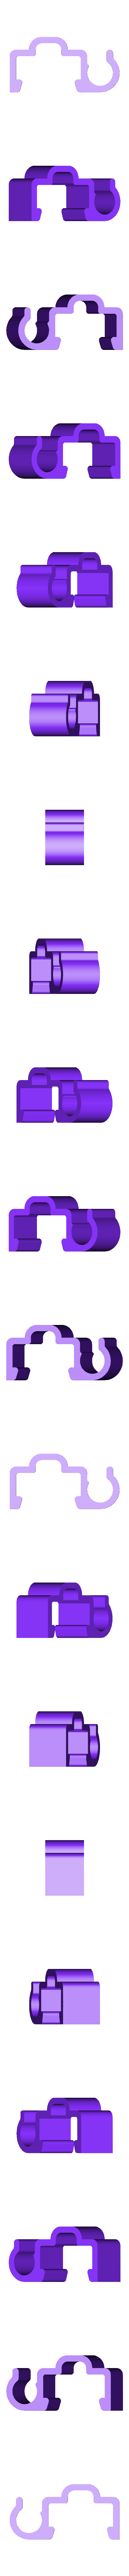 Clip_Cable.stl Télécharger fichier STL gratuit Clip cable rail alu 20x20  • Design pour imprimante 3D, CE_FABLAB_FREE_WORK_EXCHANGE